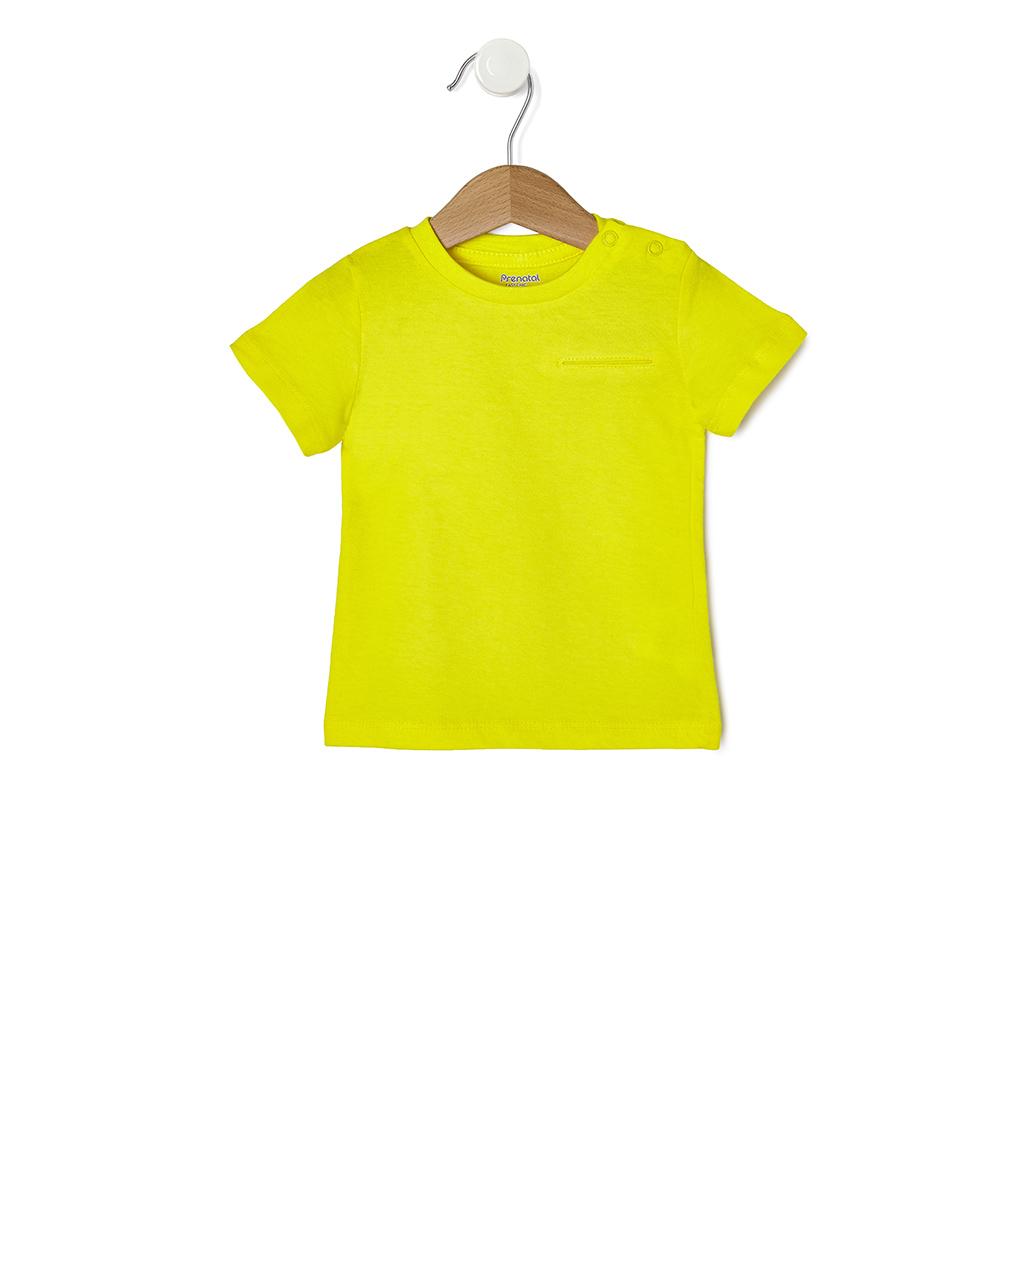 T-shirt Βαμβακερό Κίτρινο για Αγόρι